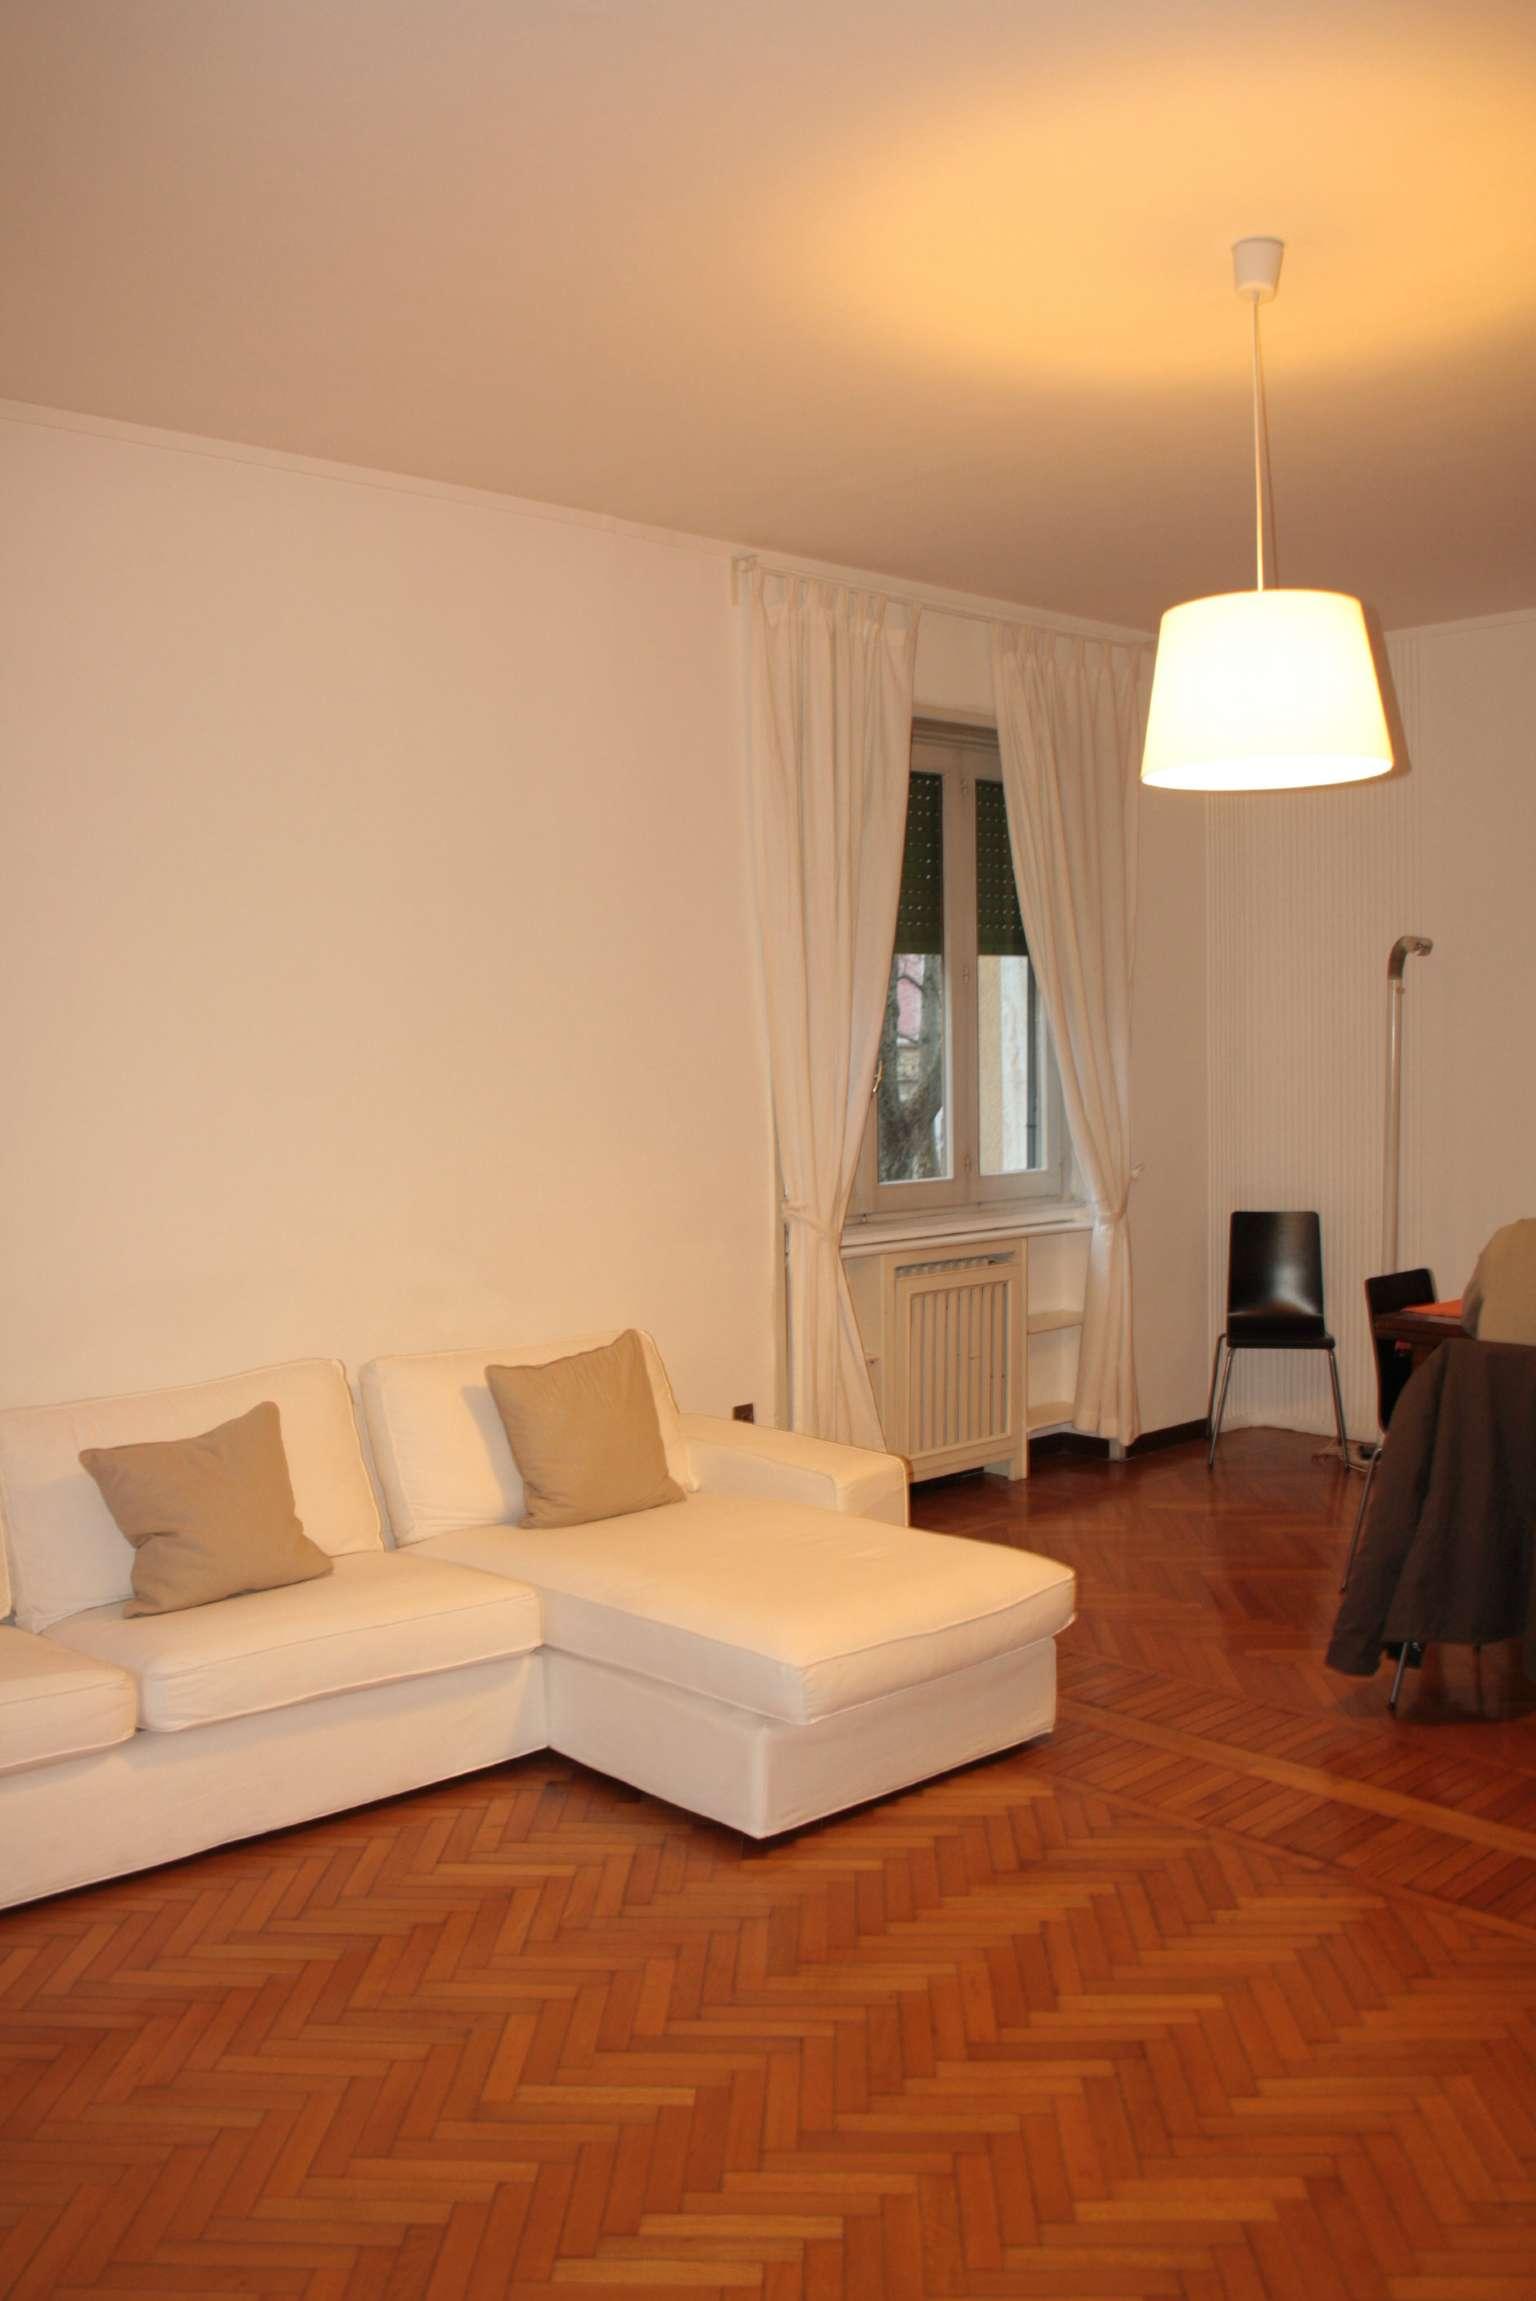 Appartamento in vendita a Milano, 5 locali, zona Zona: 5 . Citta' Studi, Lambrate, Udine, Loreto, Piola, Ortica, prezzo € 480.000   Cambio Casa.it